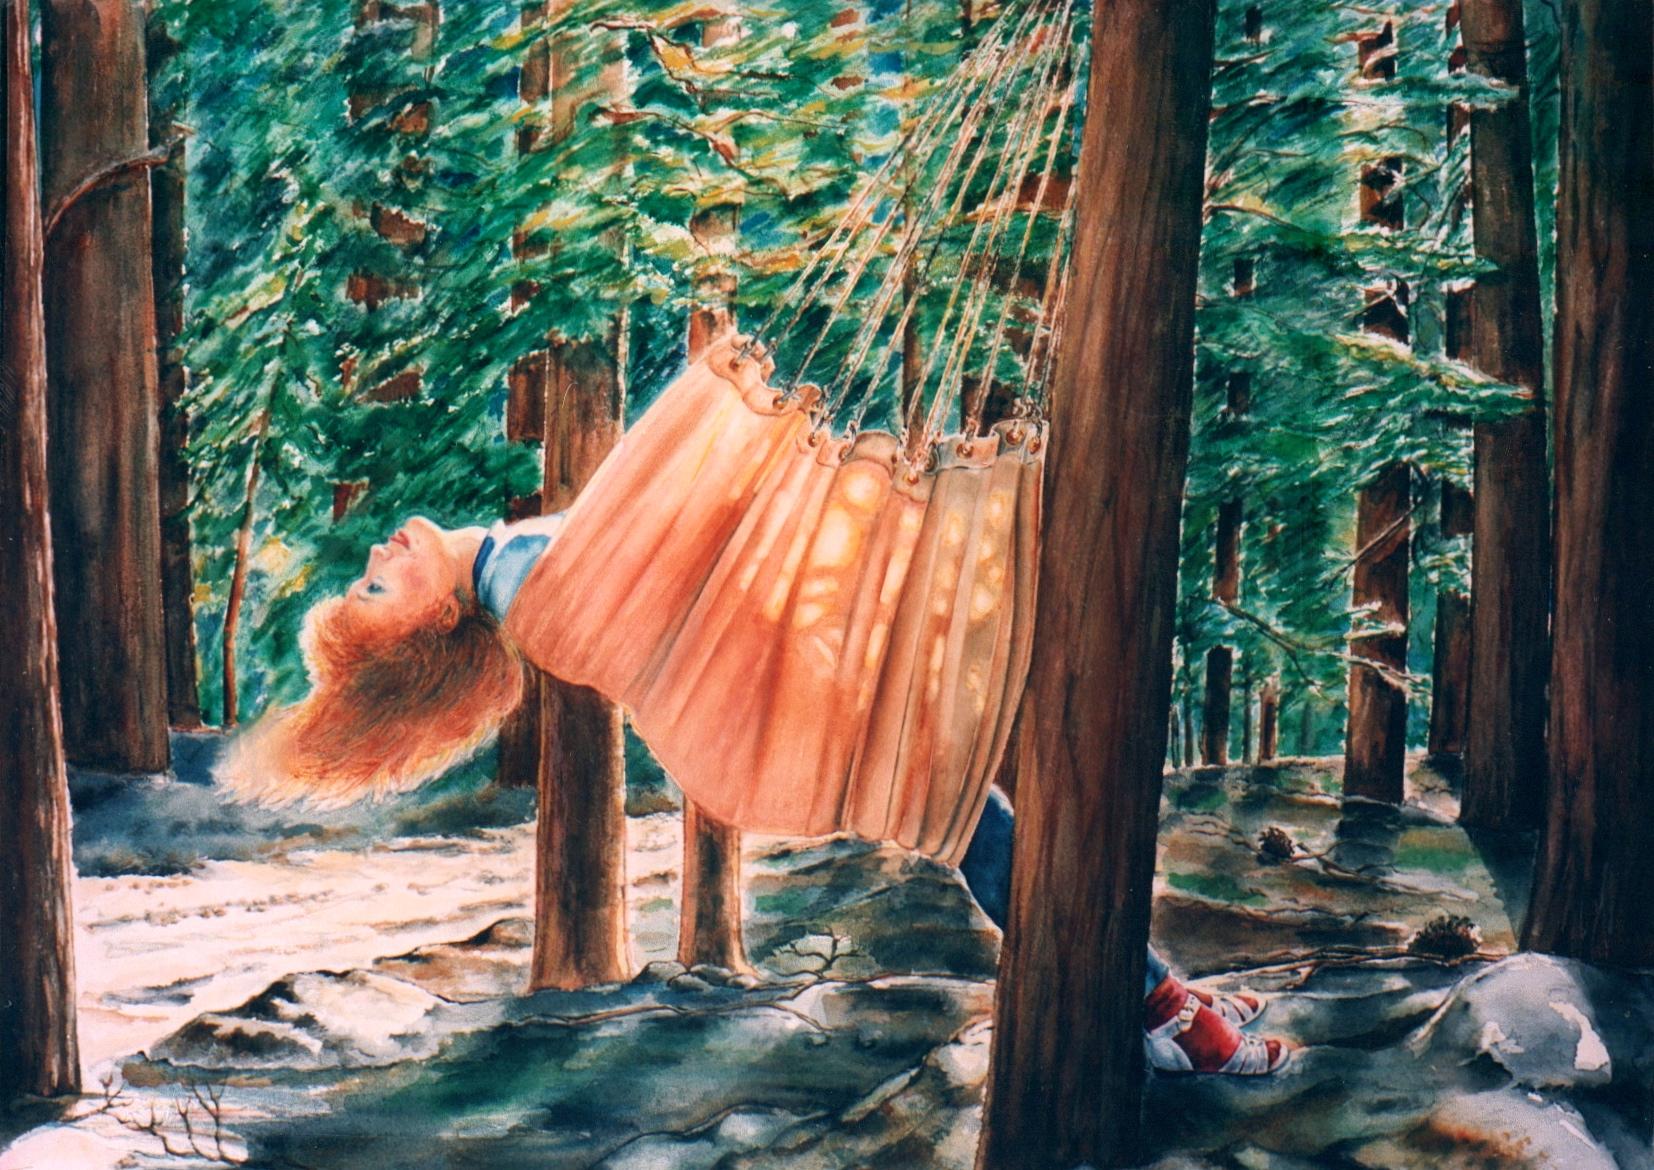 Sarah in a Hammock